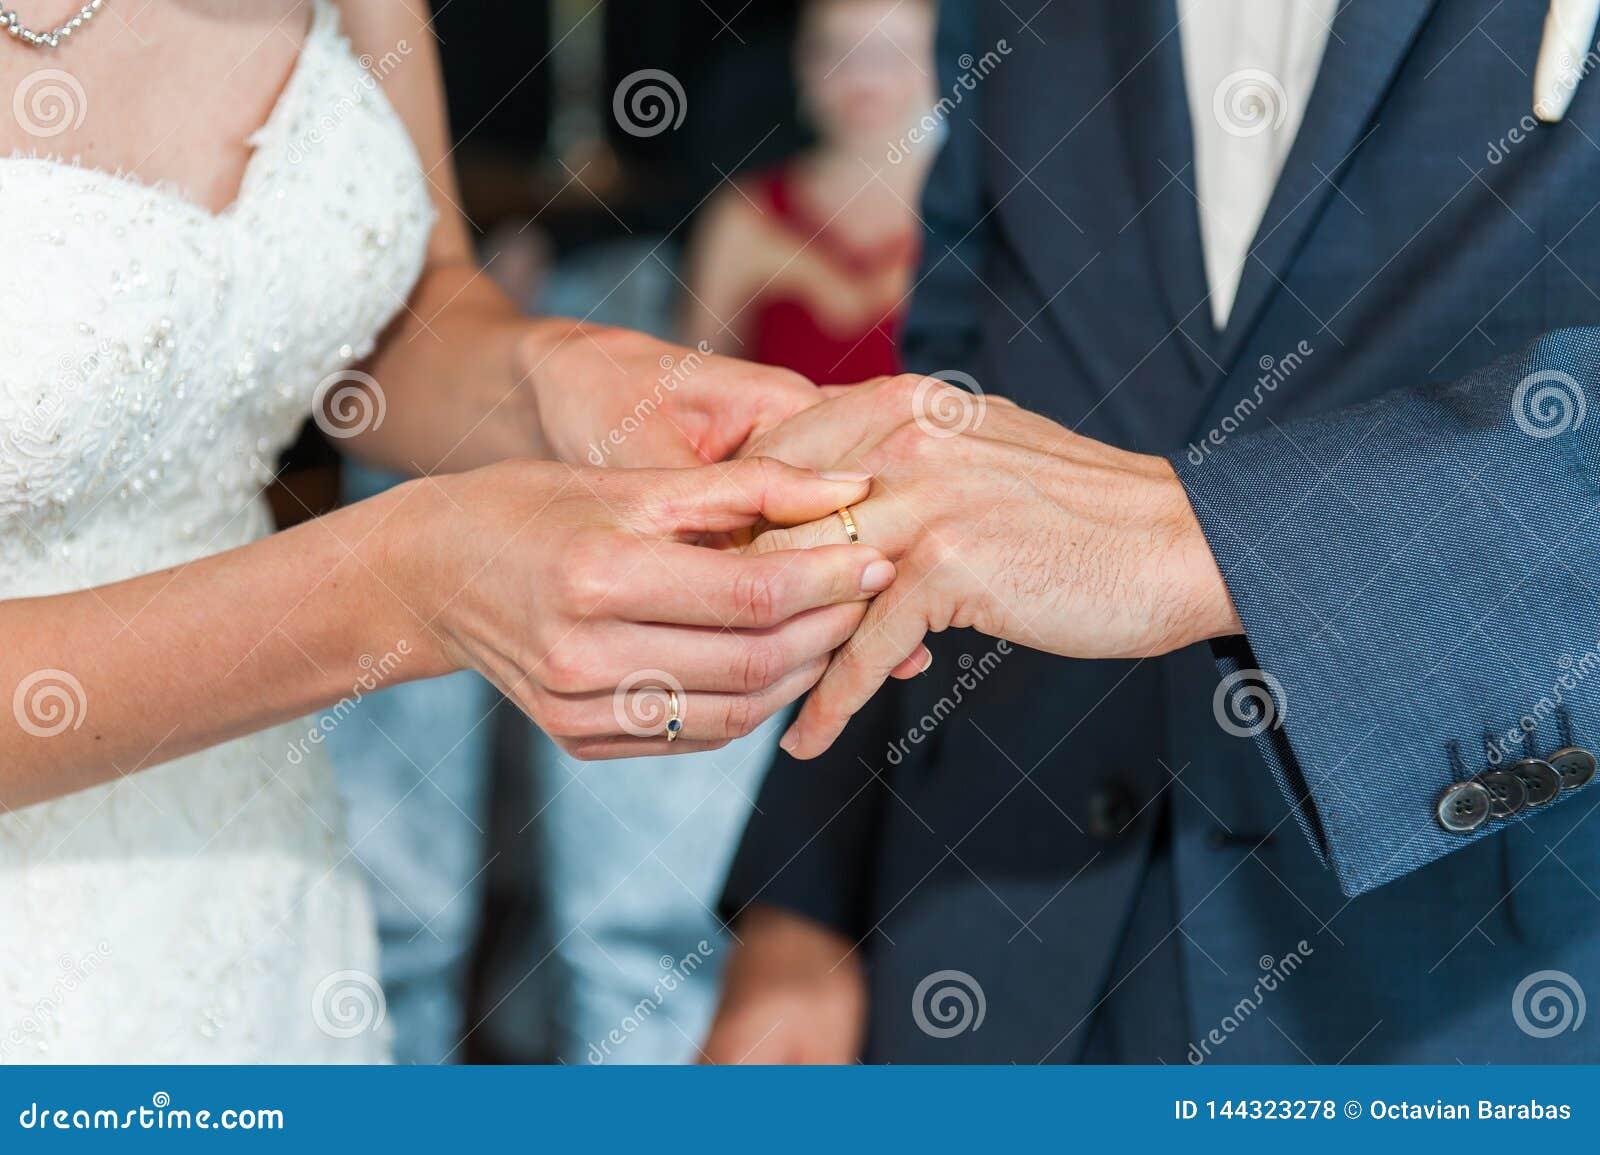 Panna młoda stawiająca na obrączce ślubnej na fornalach dotyka